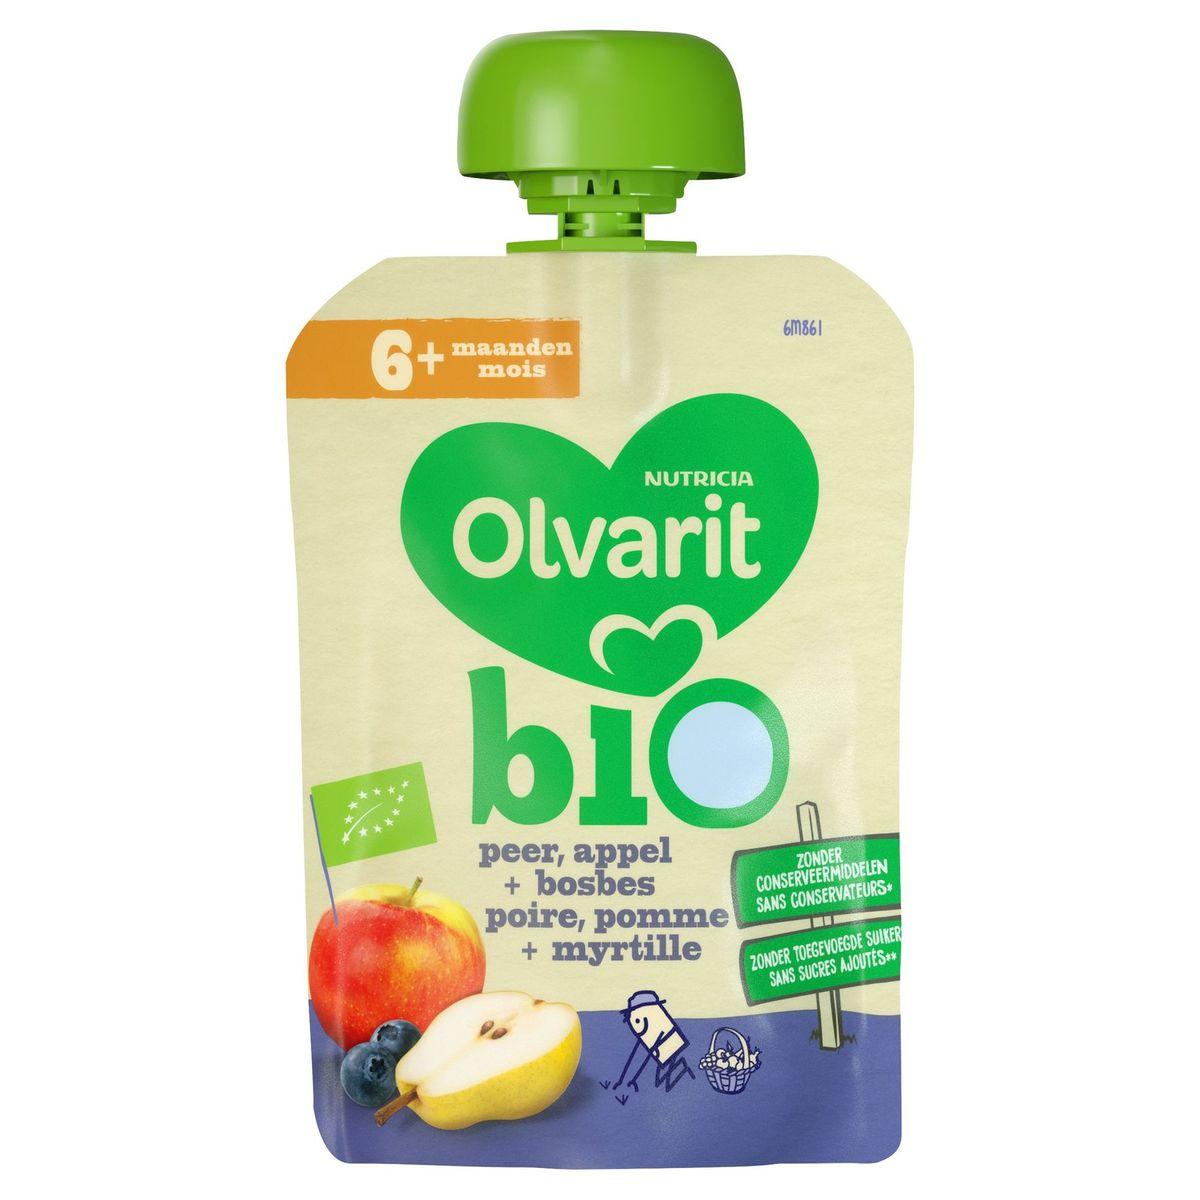 Olvarit Bio fruit knijpzakje baby - Peer appel bosbes 6 maanden  90g